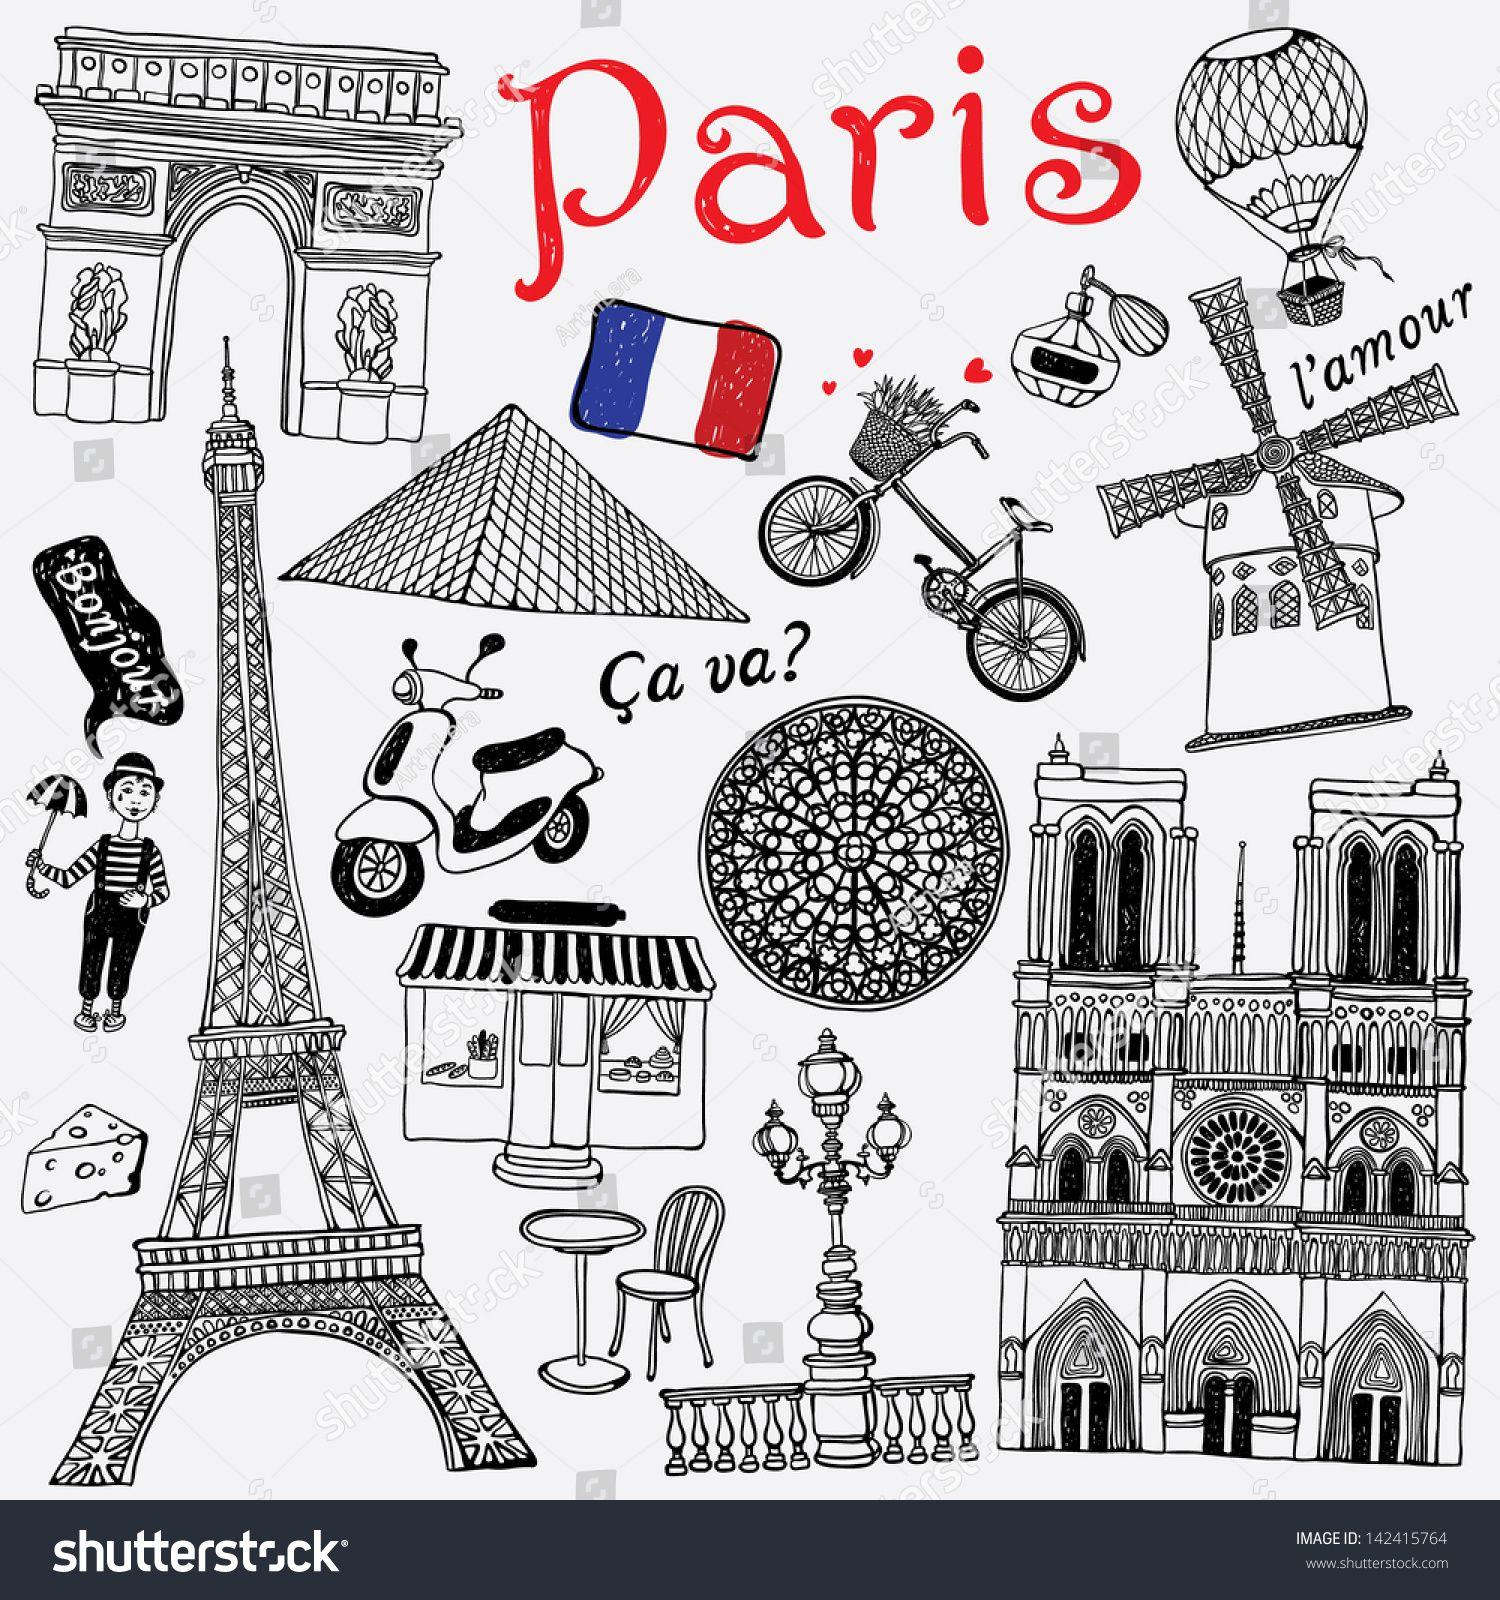 Paris Illustration: Paris Is Always A Good Idea.